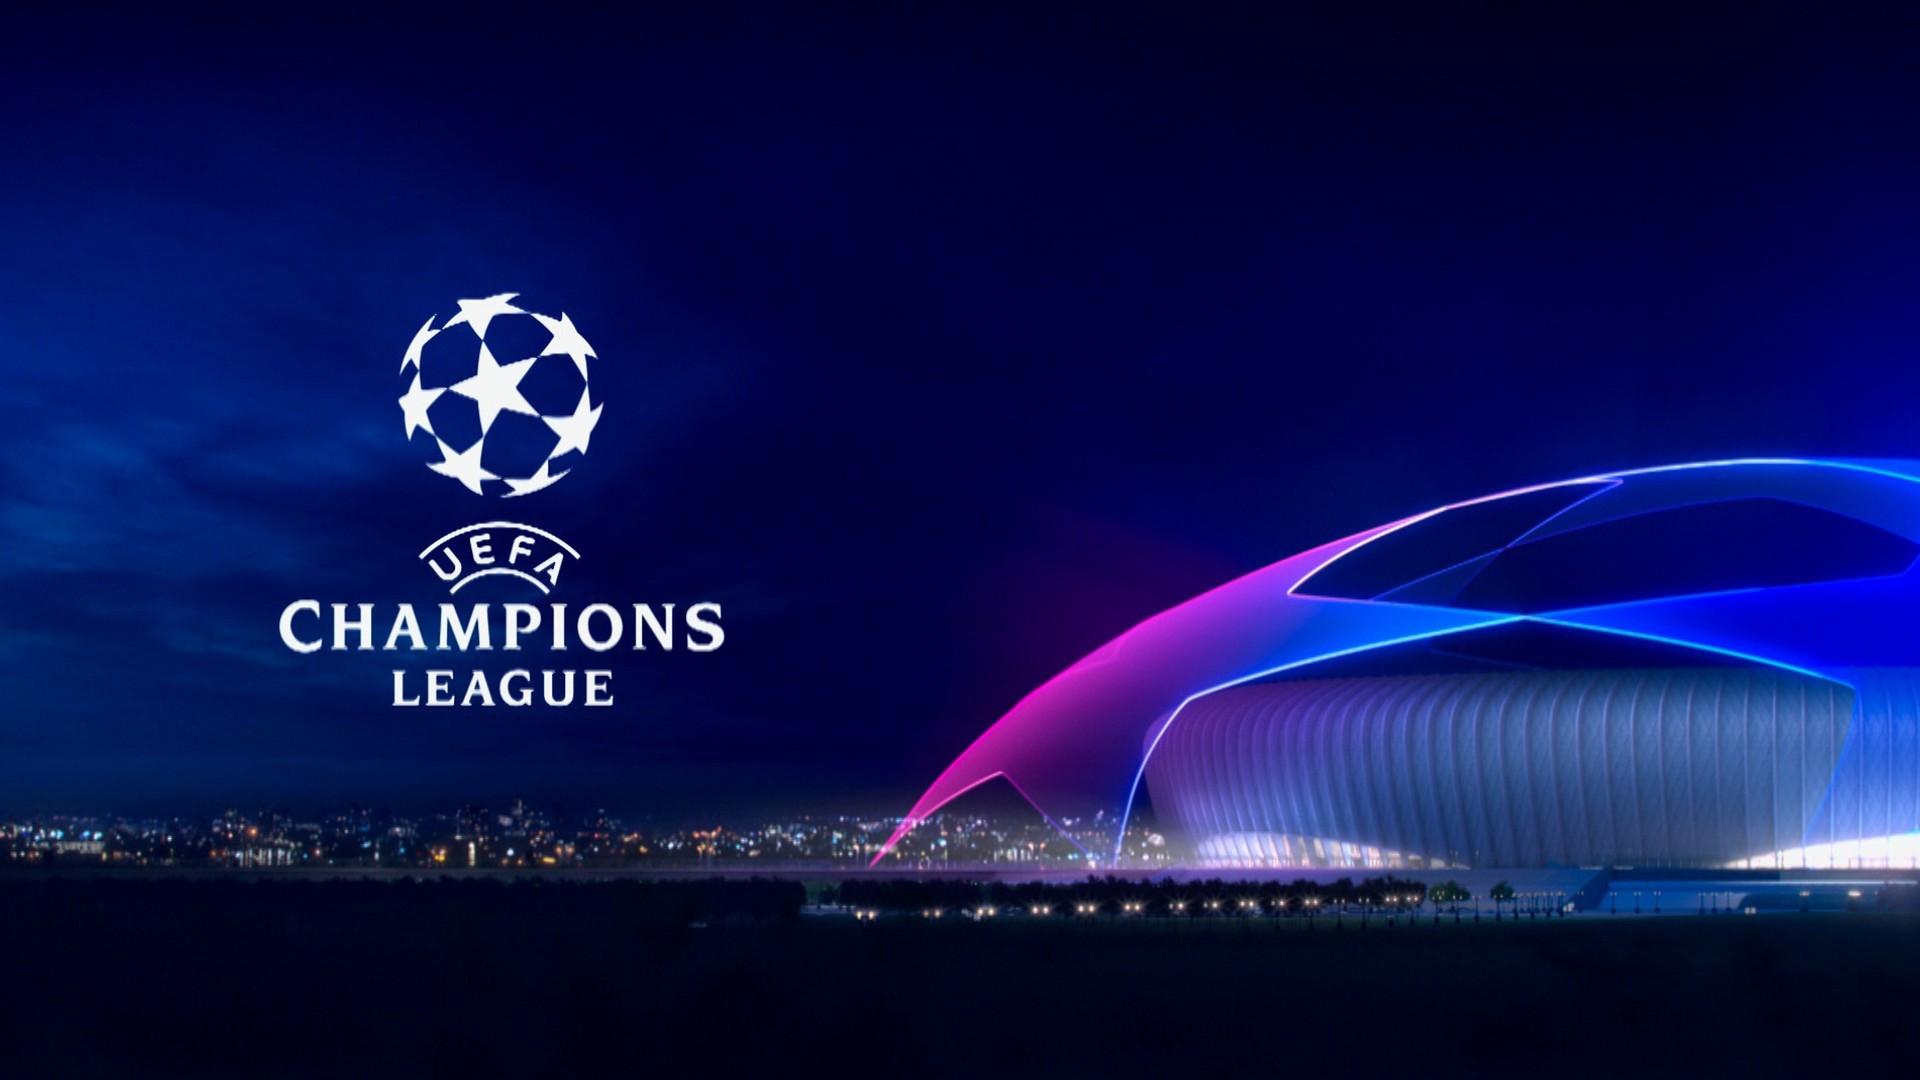 Ούτε και φέτος ο τελικός του Τσάμπιονς Λιγκ στην Κωνσταντινούπολη!